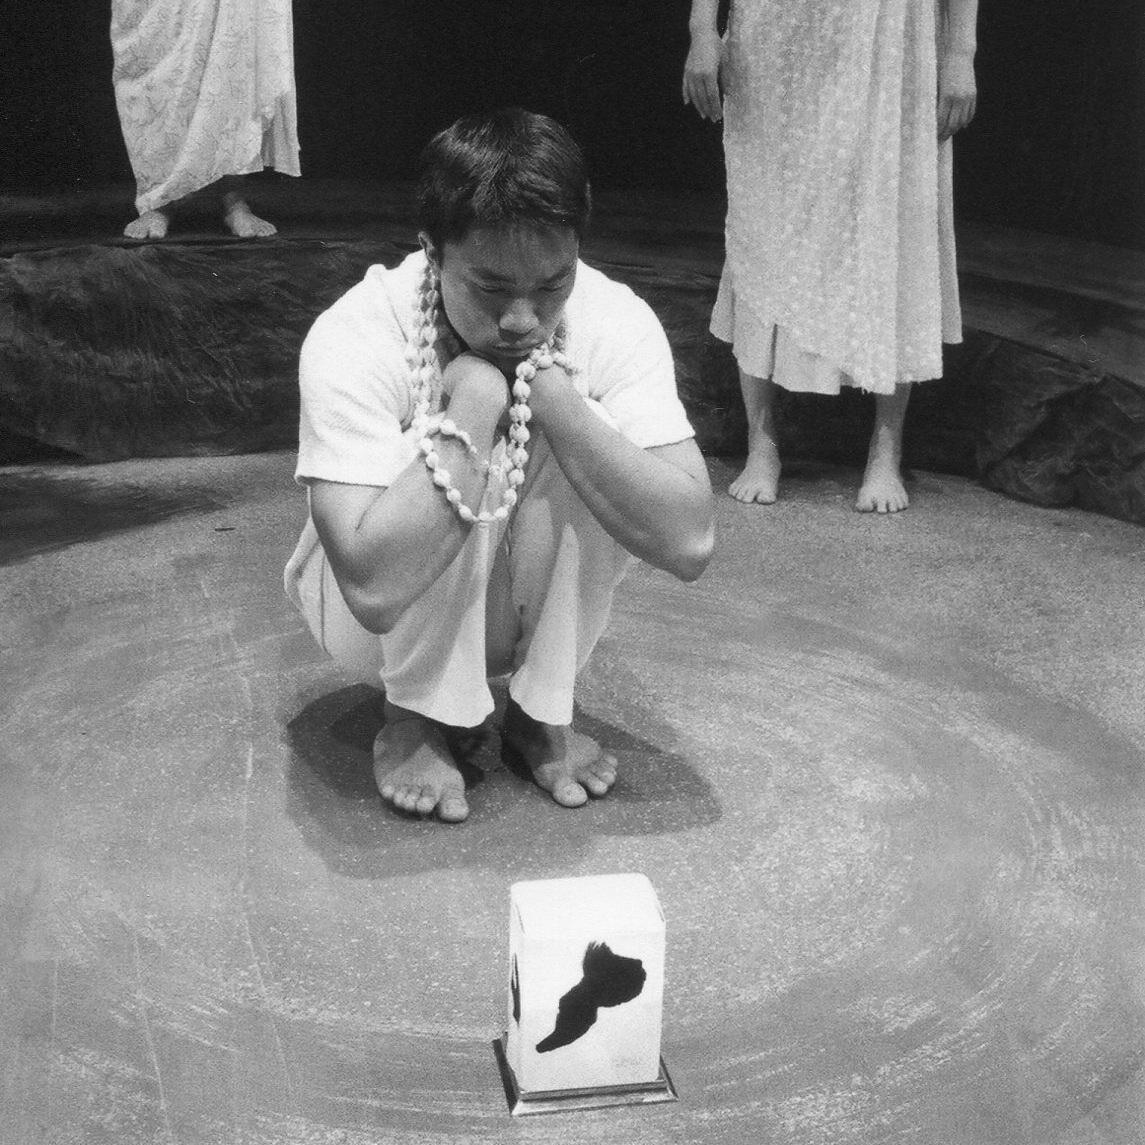 CIRCLE AROUND THE ISLAND - written & directed by MARCUS VRILIUS QUINIONESApril 9 - 25, 1999